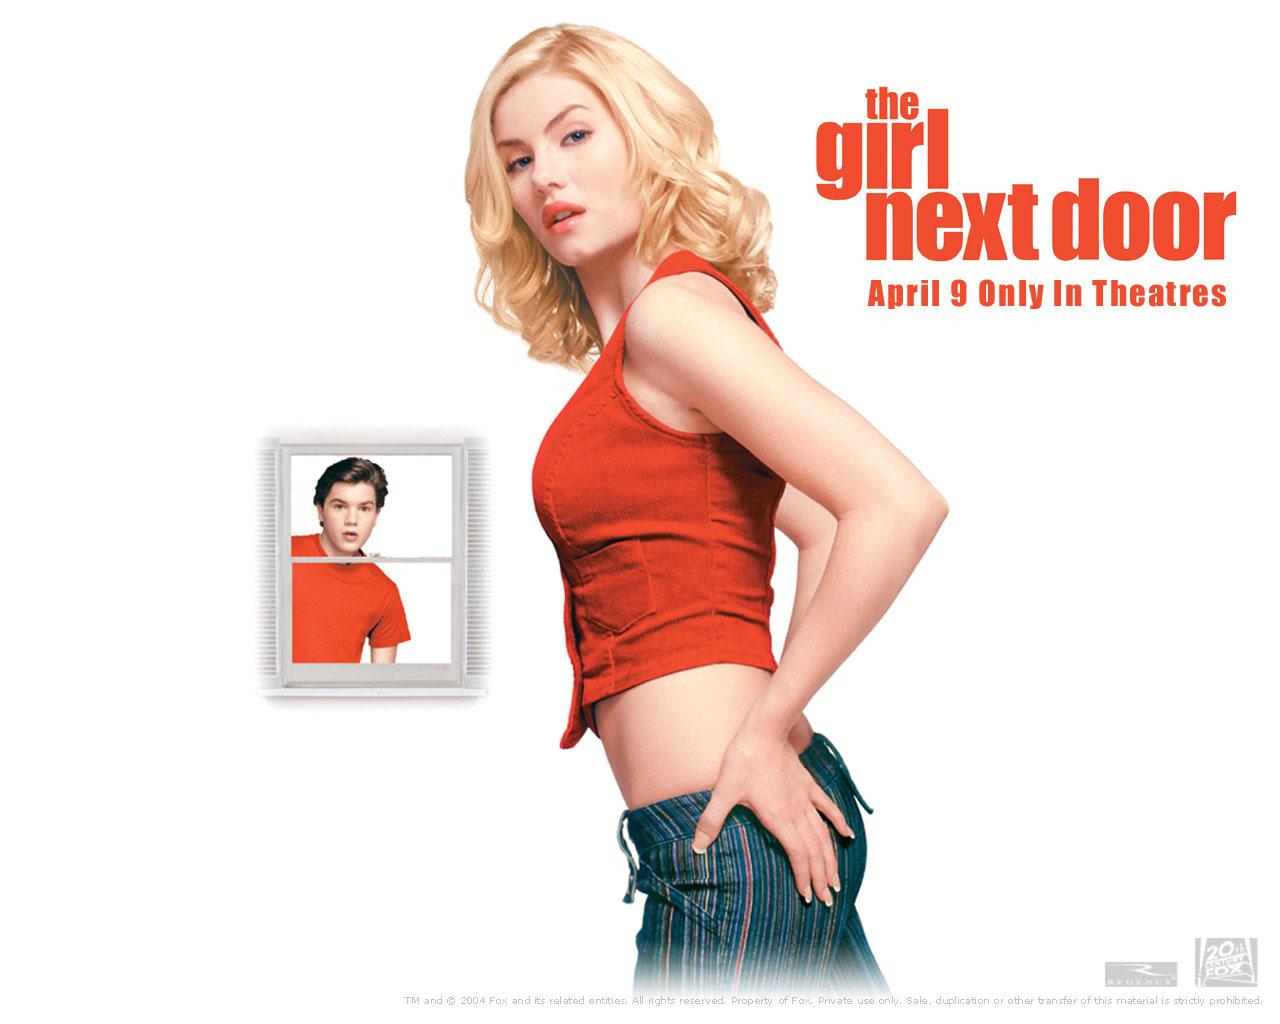 http://1.bp.blogspot.com/-WMyAQOtcKUs/TxRkvxUrJYI/AAAAAAAABjk/7hXOf8w37jg/s1600/The_Girl_Next_Door%2525252C_2004%2525252C_Elisha_Cuthbert.jpg